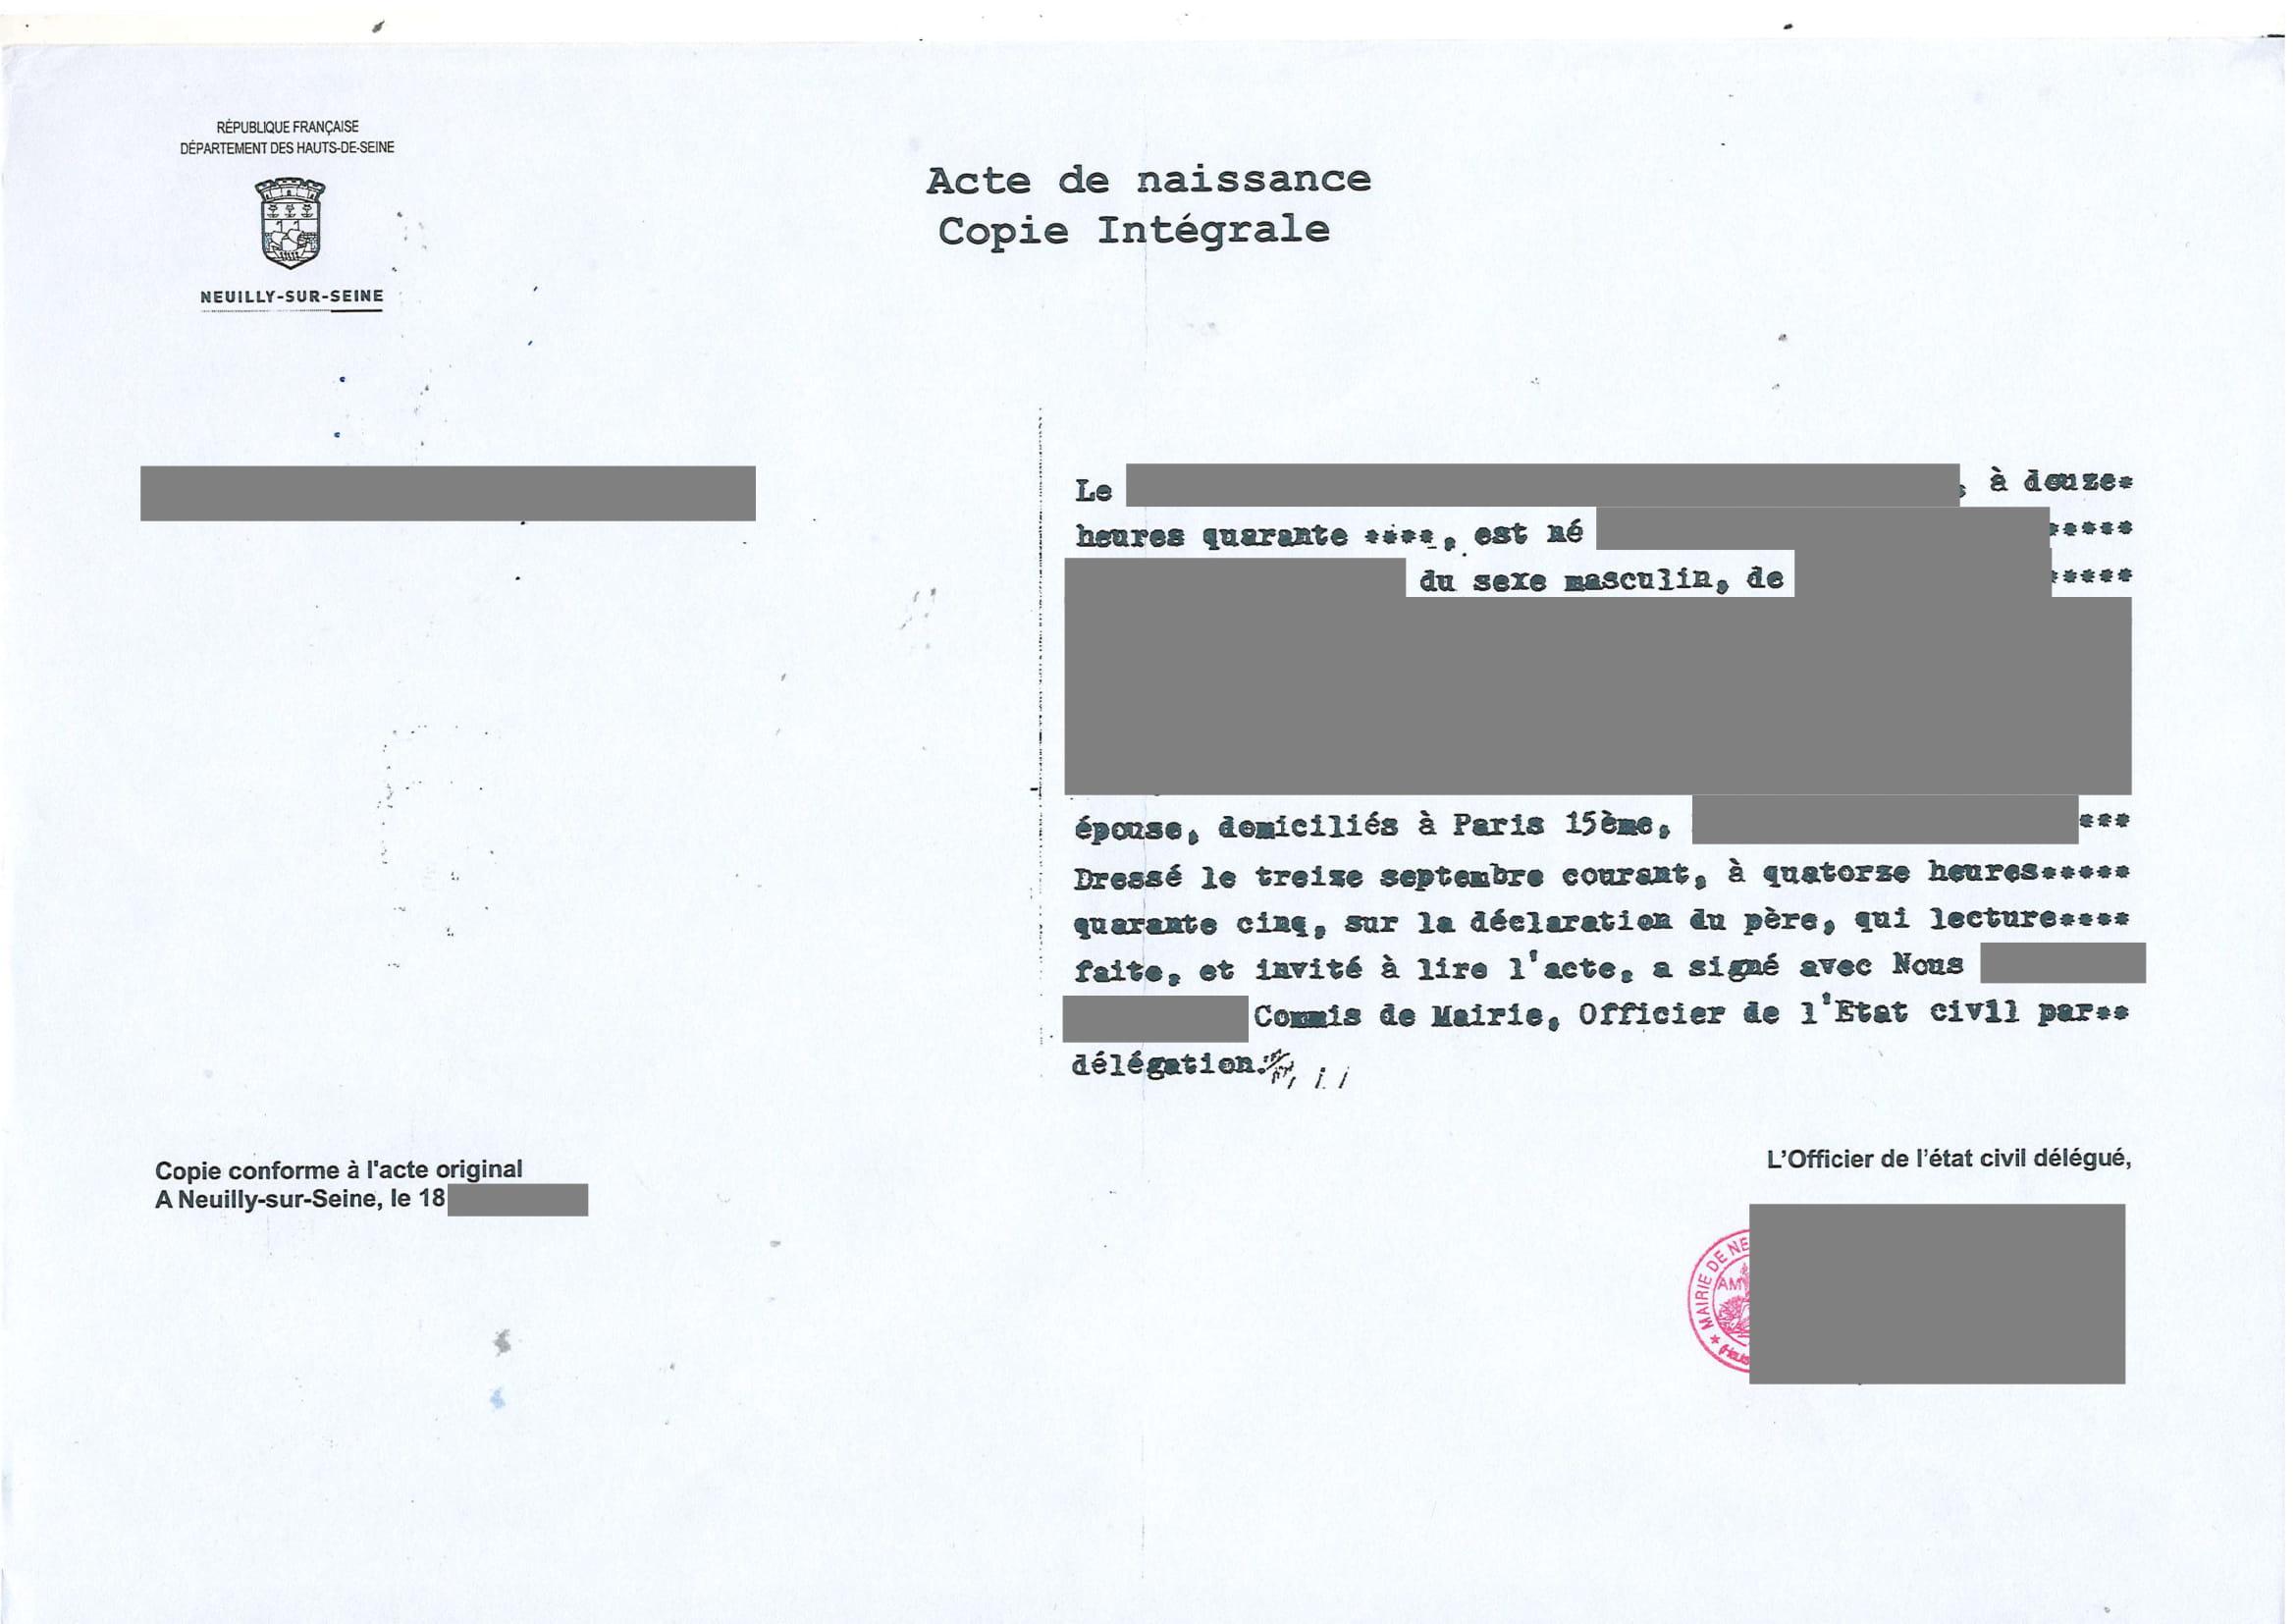 Traduction certifiée acte de naissance copie intégrale-1